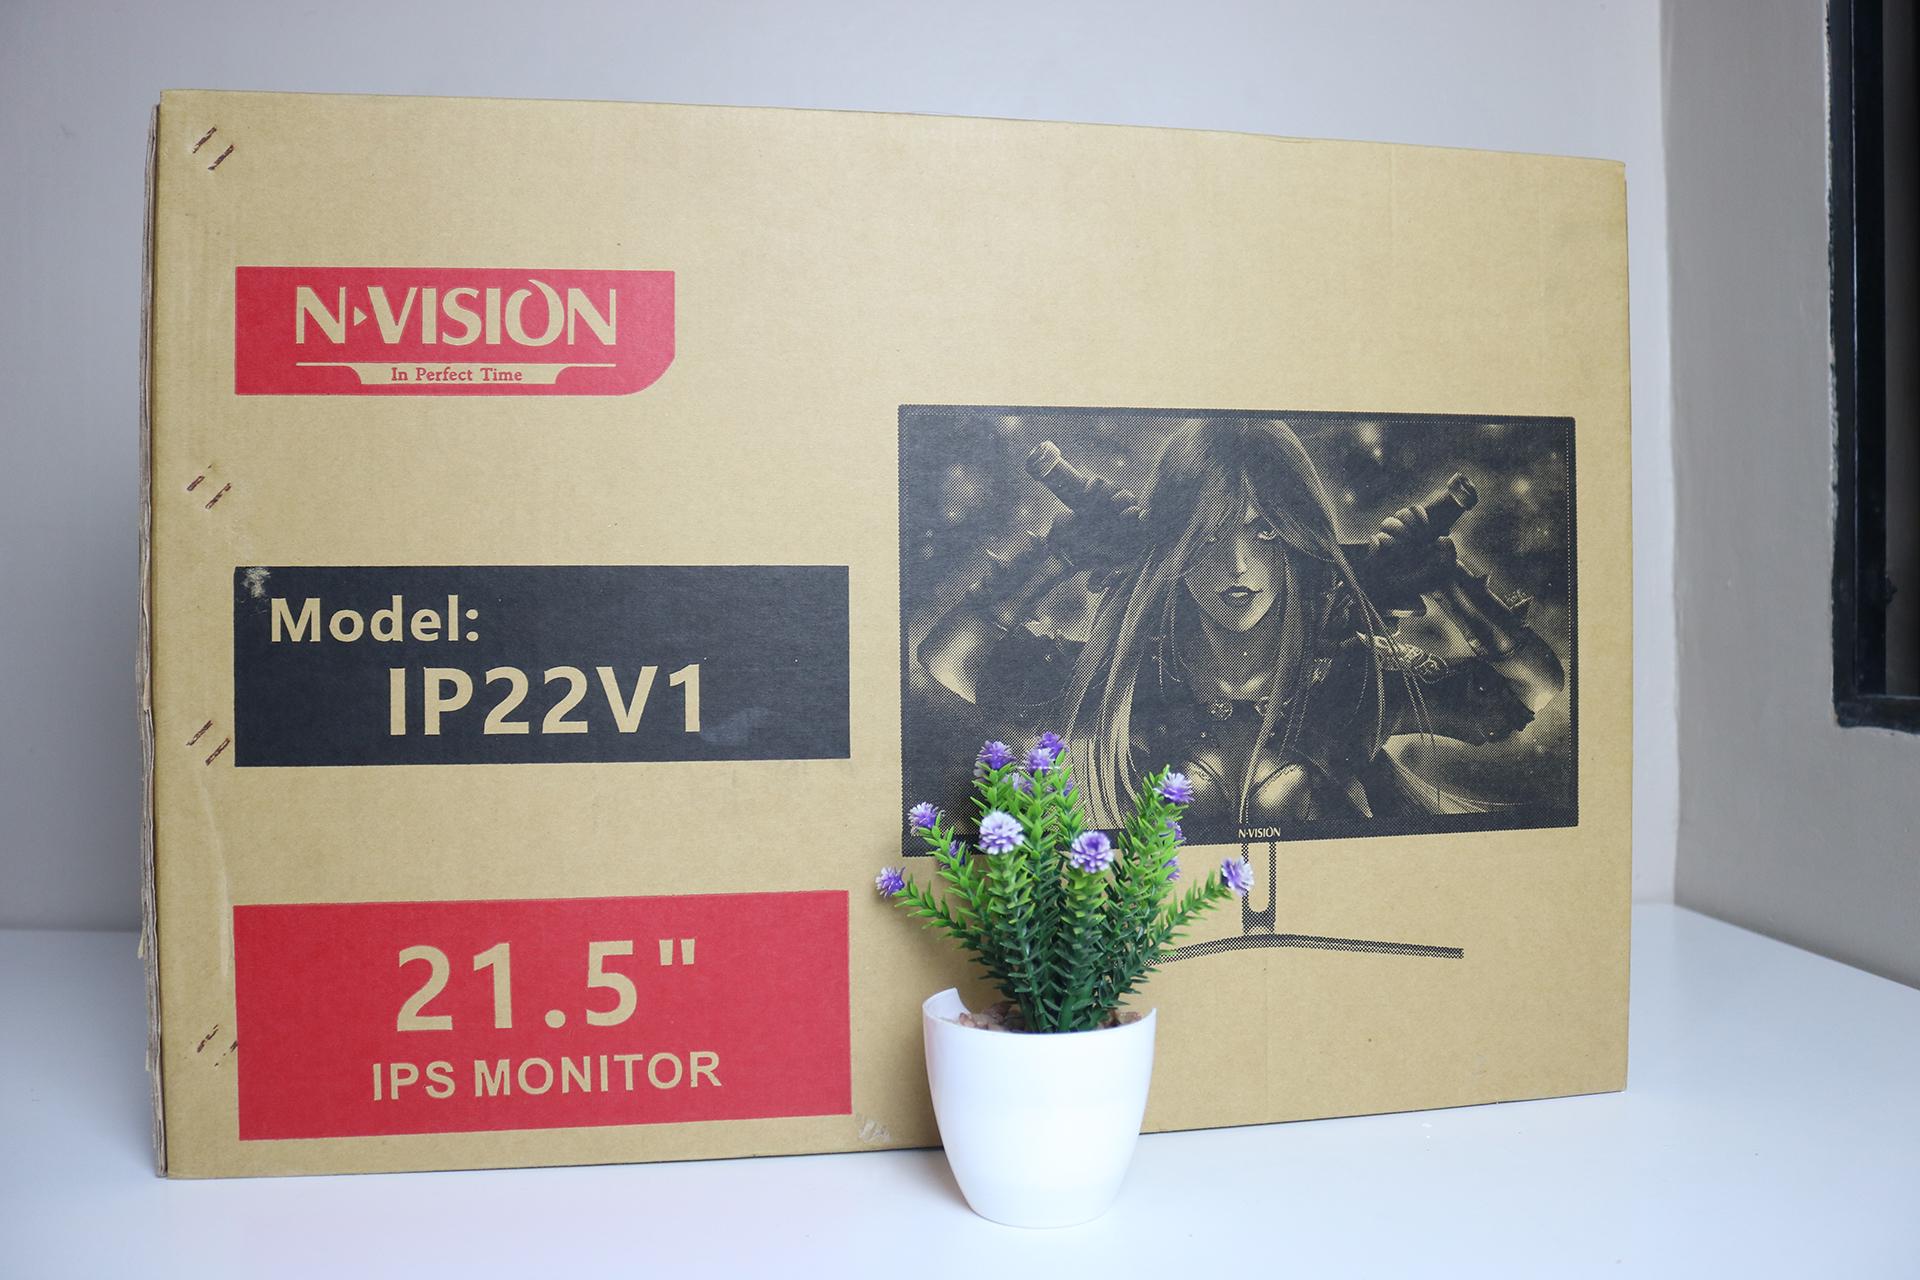 NVISION IP22V1 Gaming Monitor